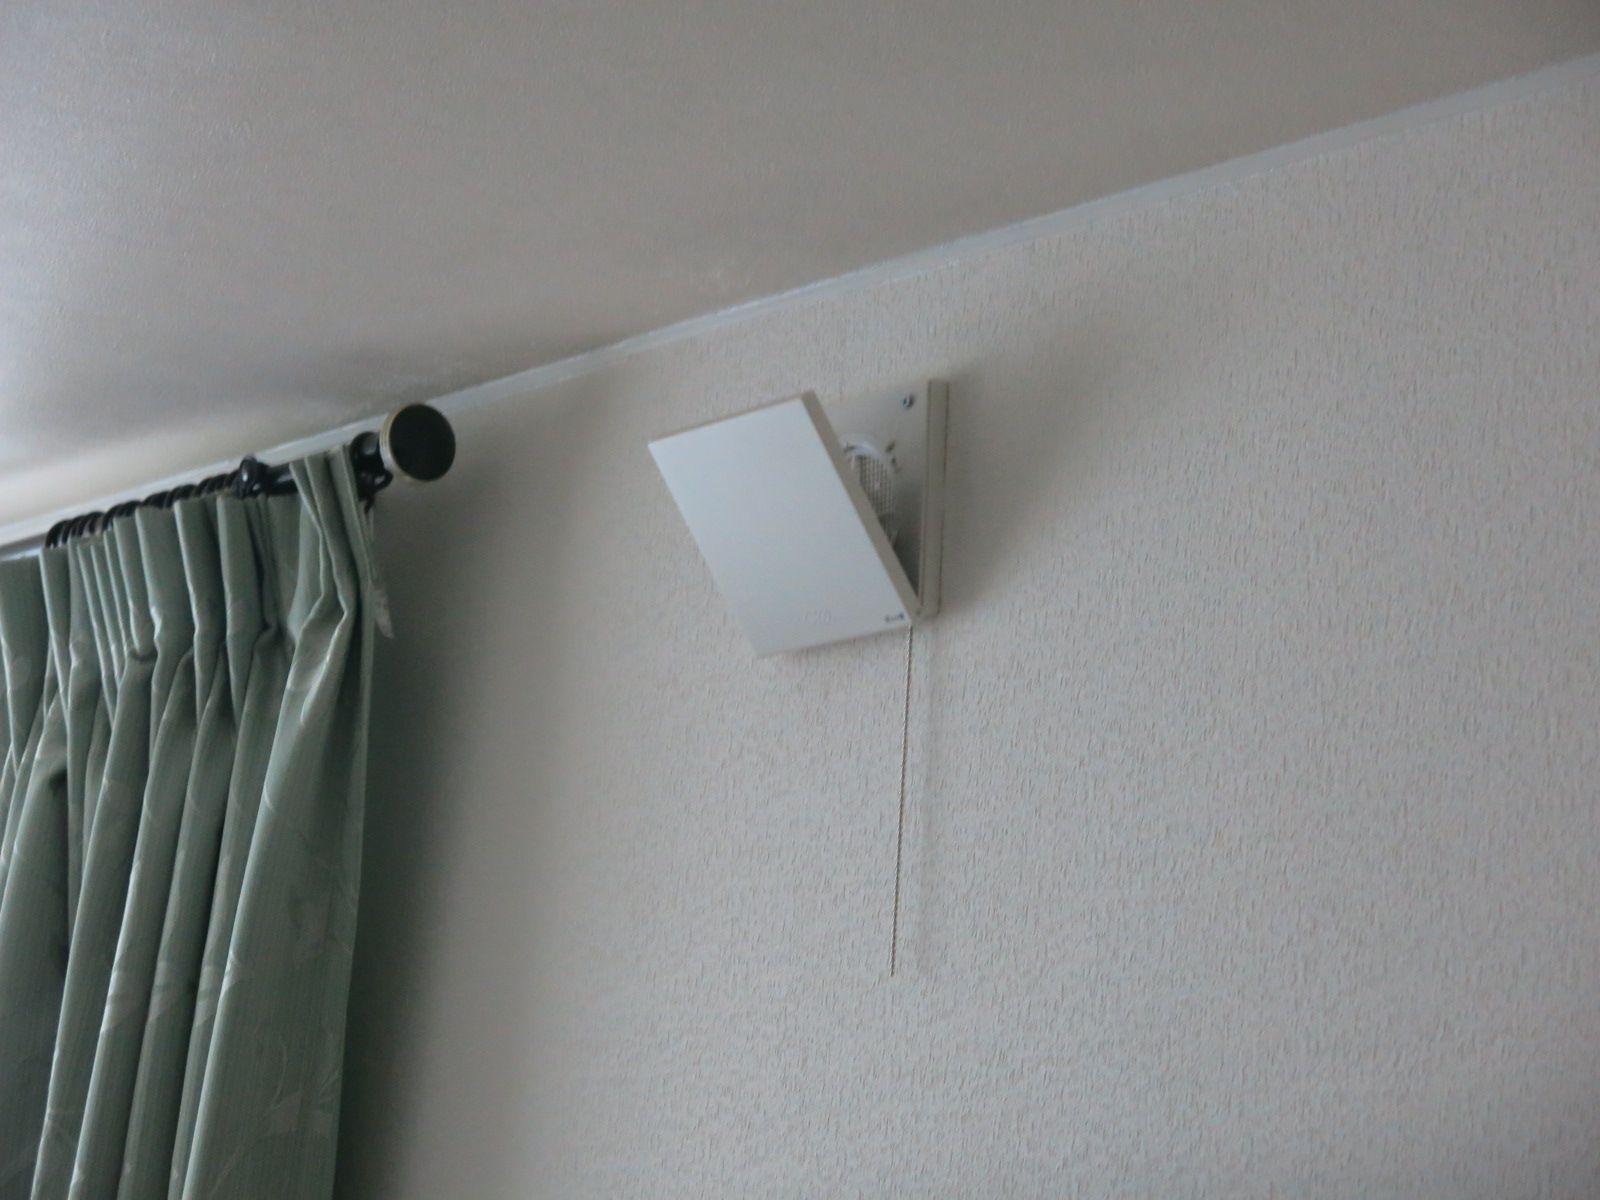 グットマン換気口 換気口 結露対策 総建装 冬になると部屋の湿度が